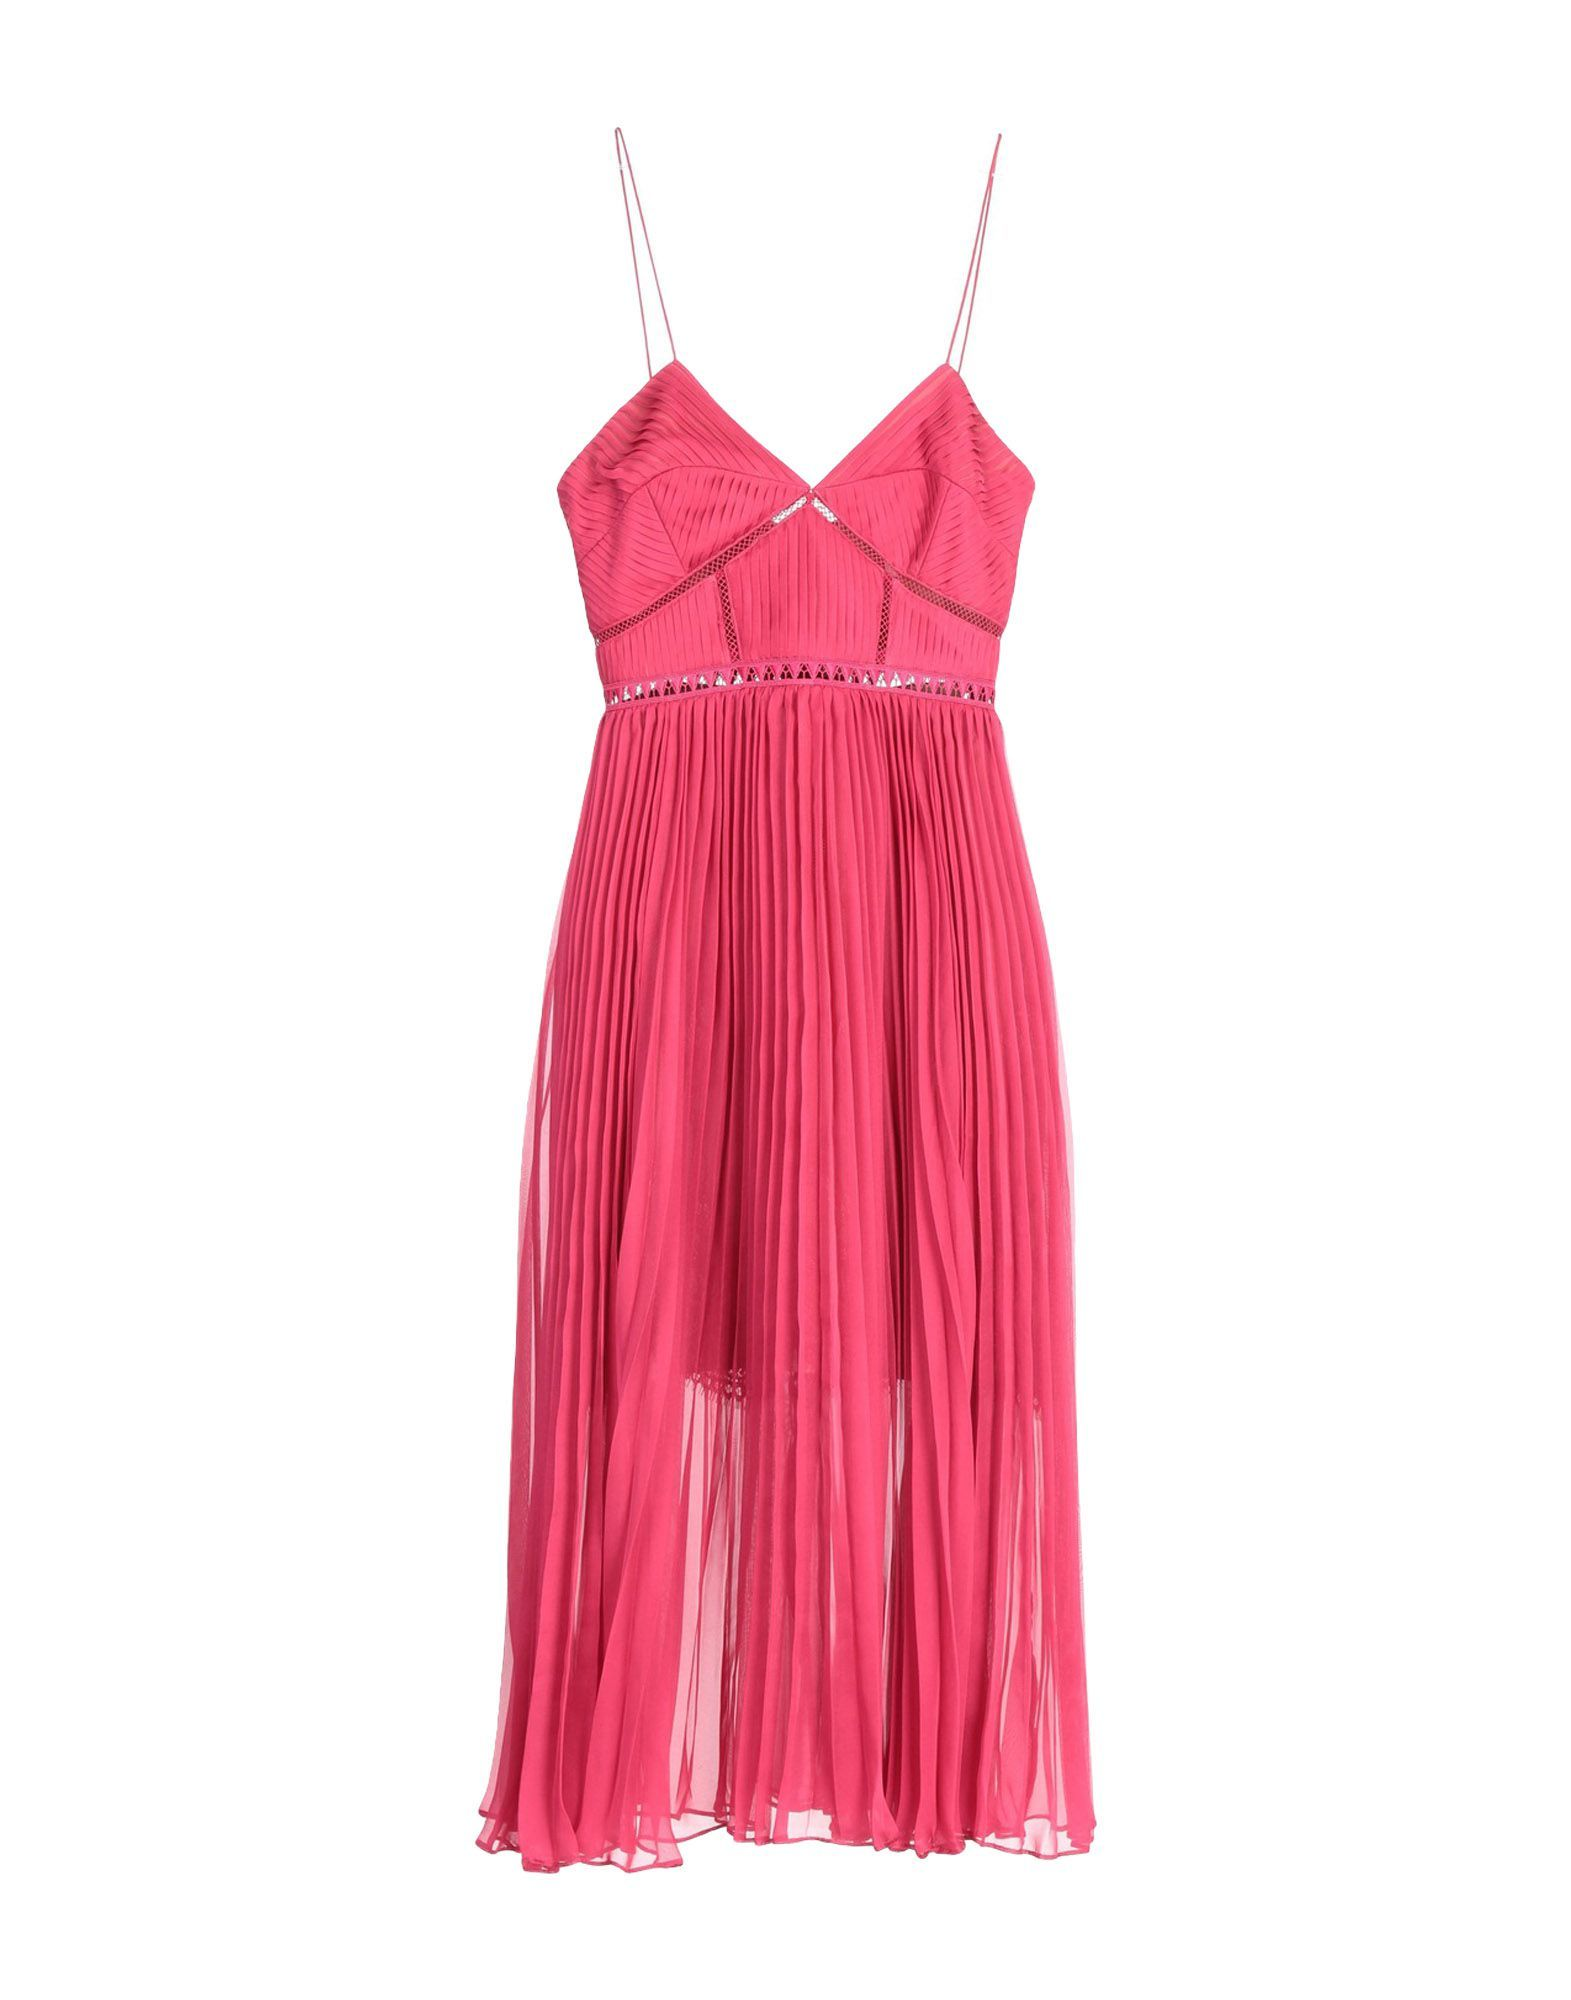 Self-Portrait Garnet Lace Camisole Dress